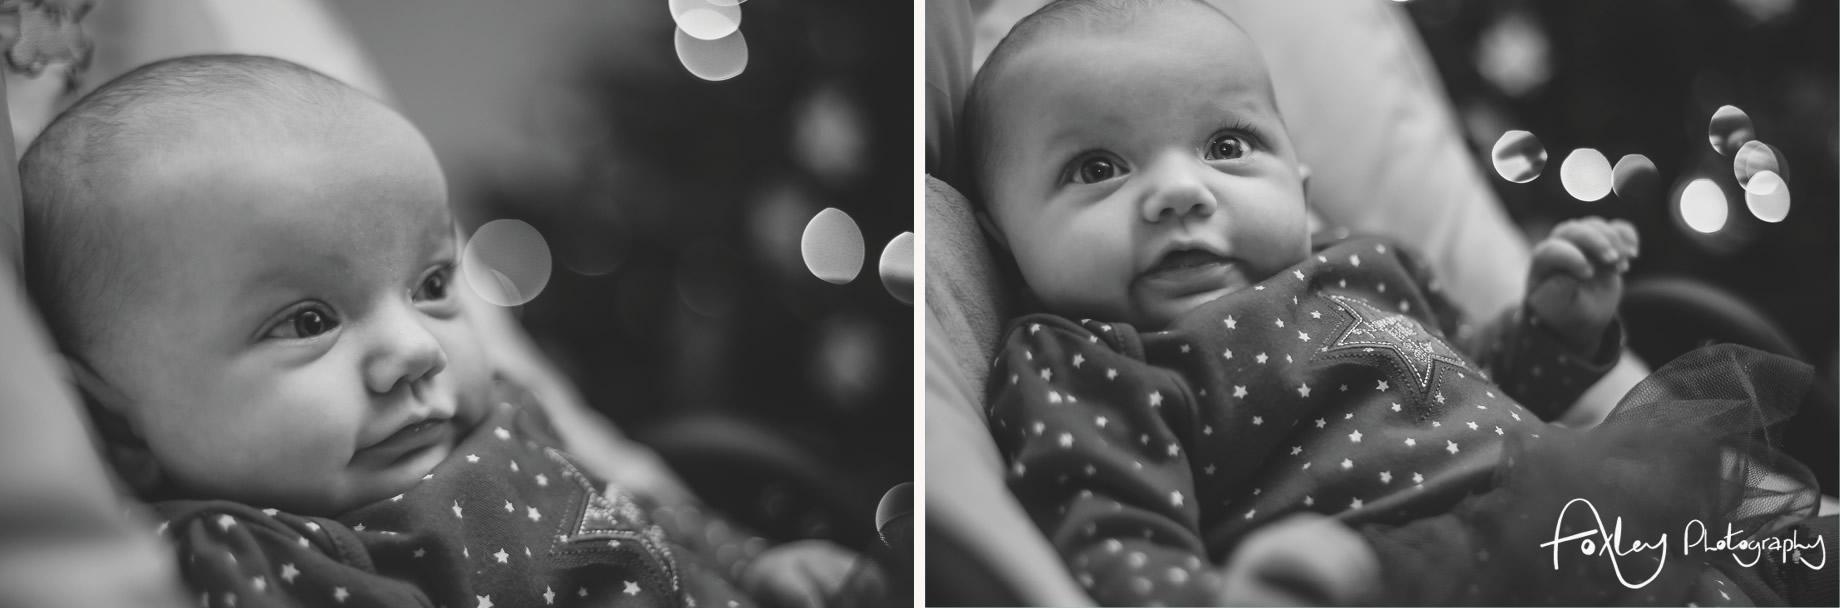 Baby-Frankie-006